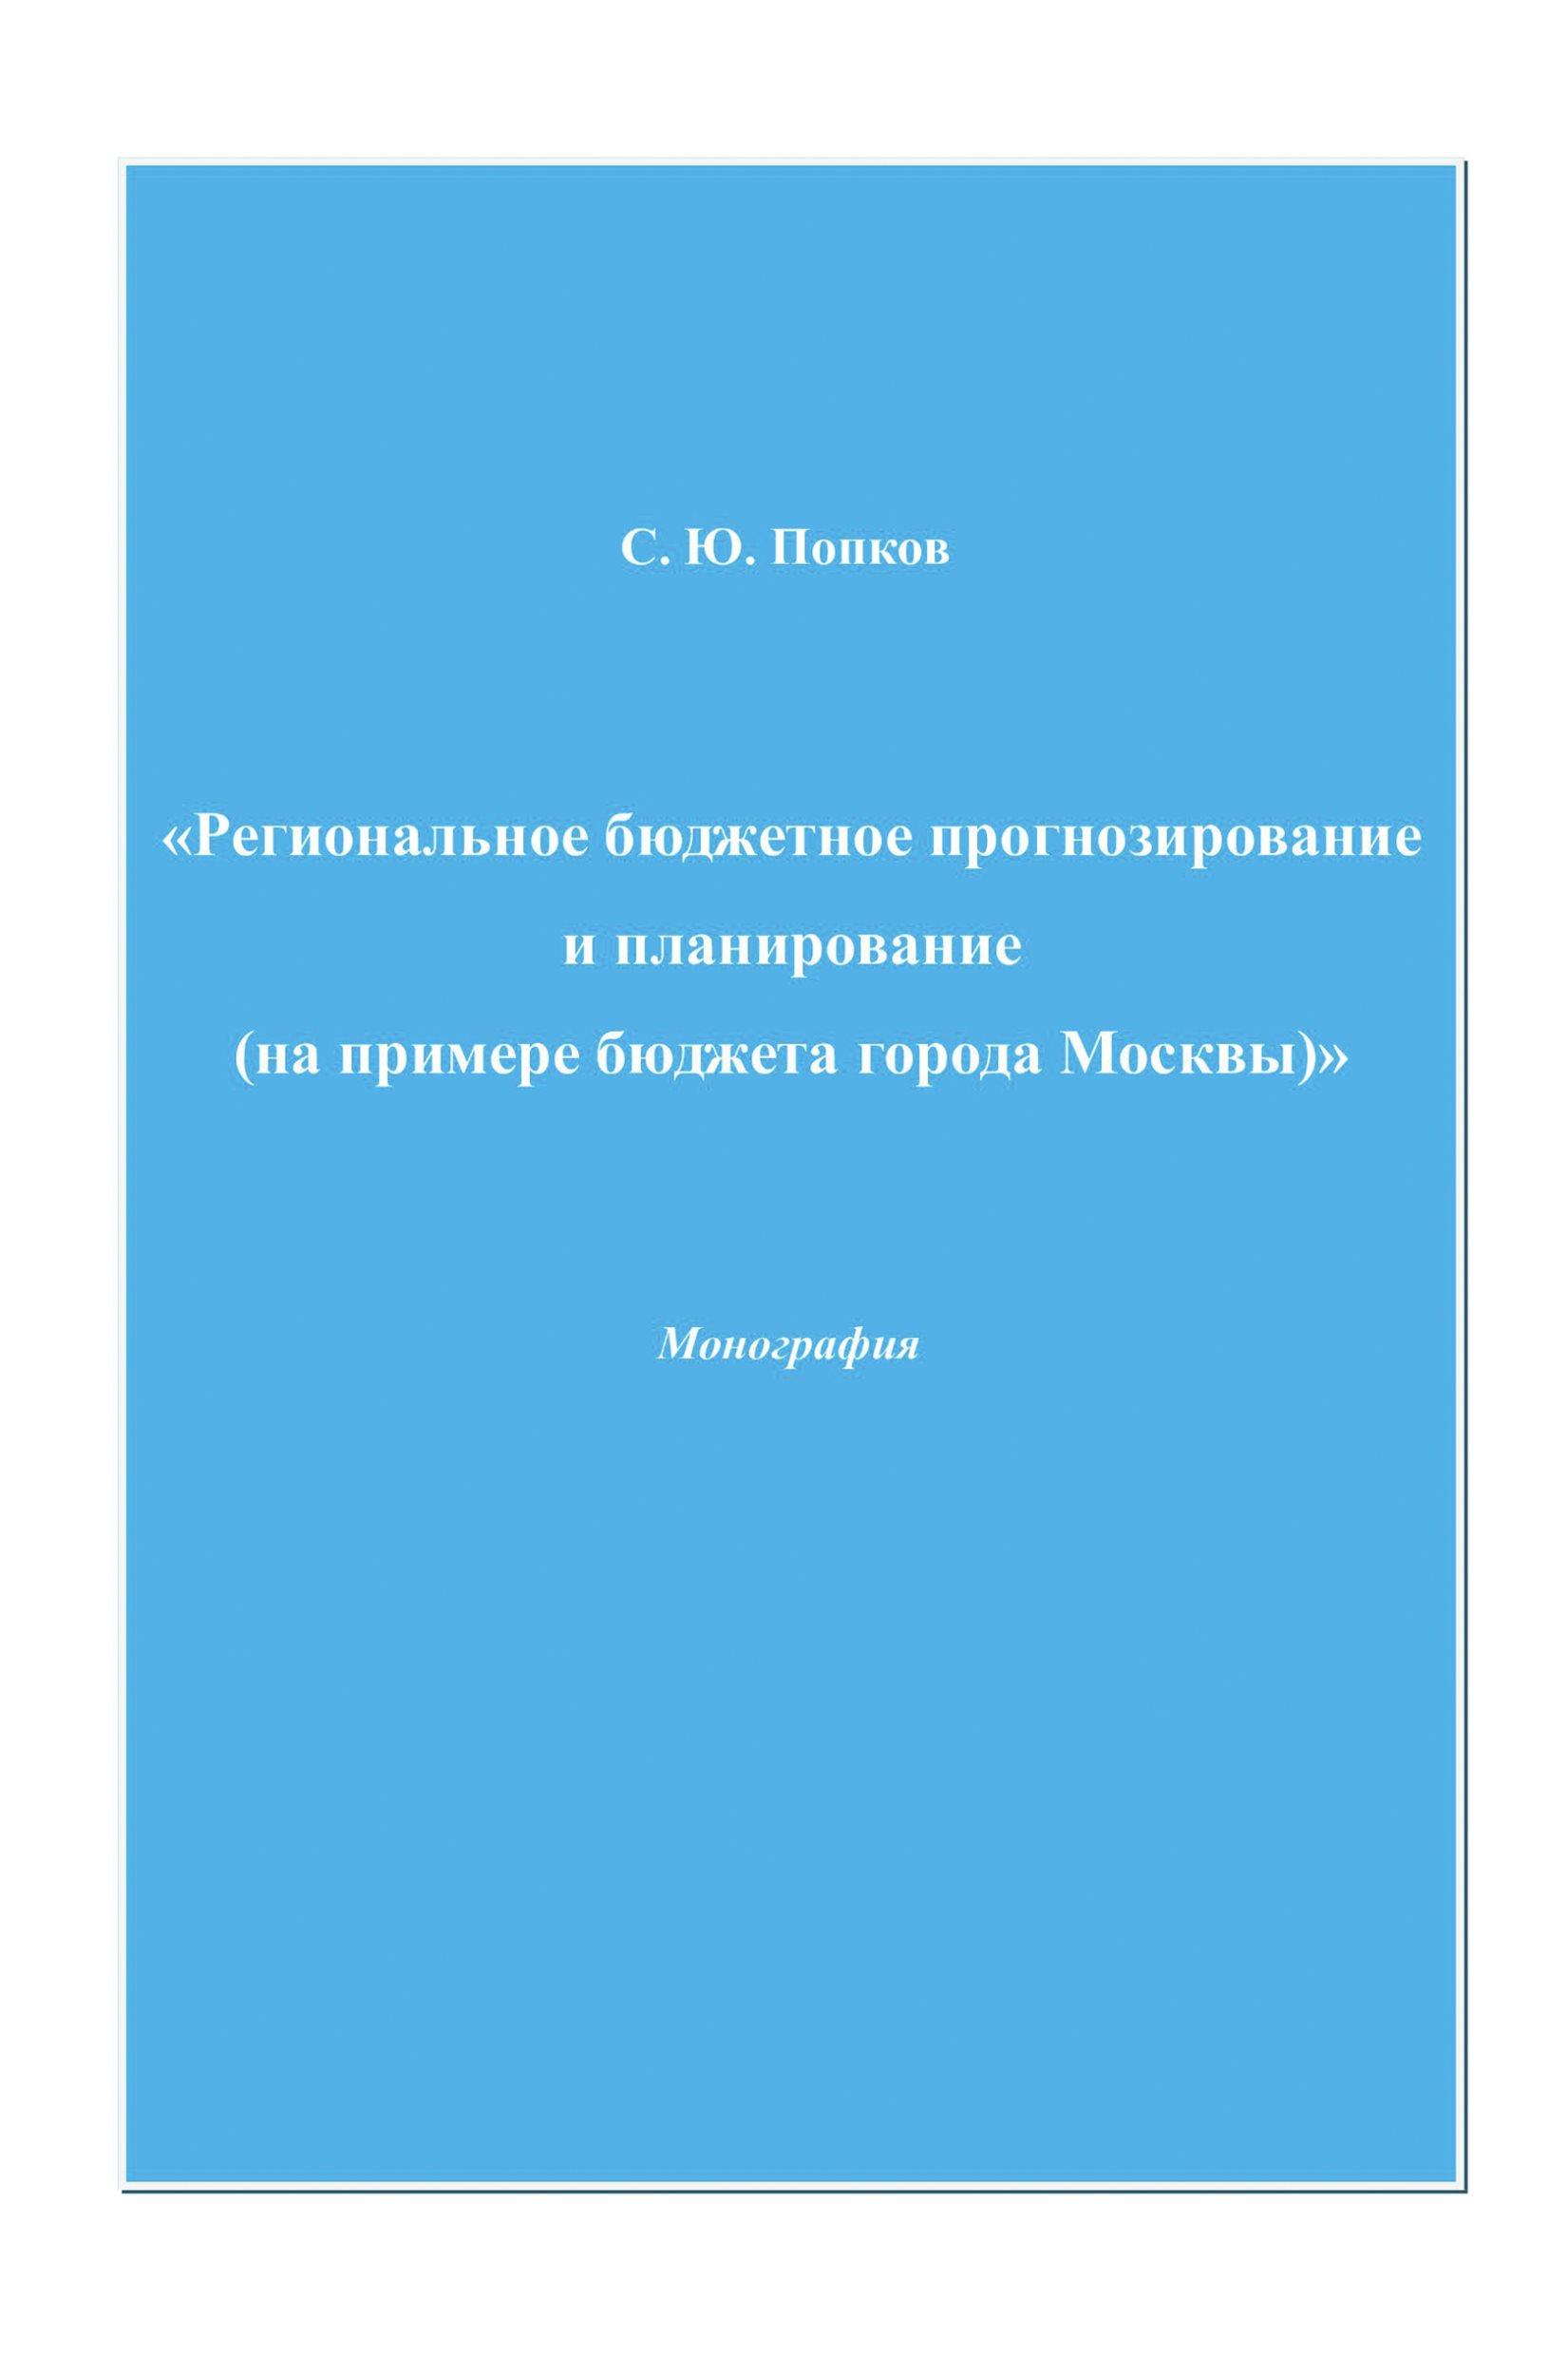 Региональное бюджетное прогнозирование и планирование (на примере бюджета города Москвы)